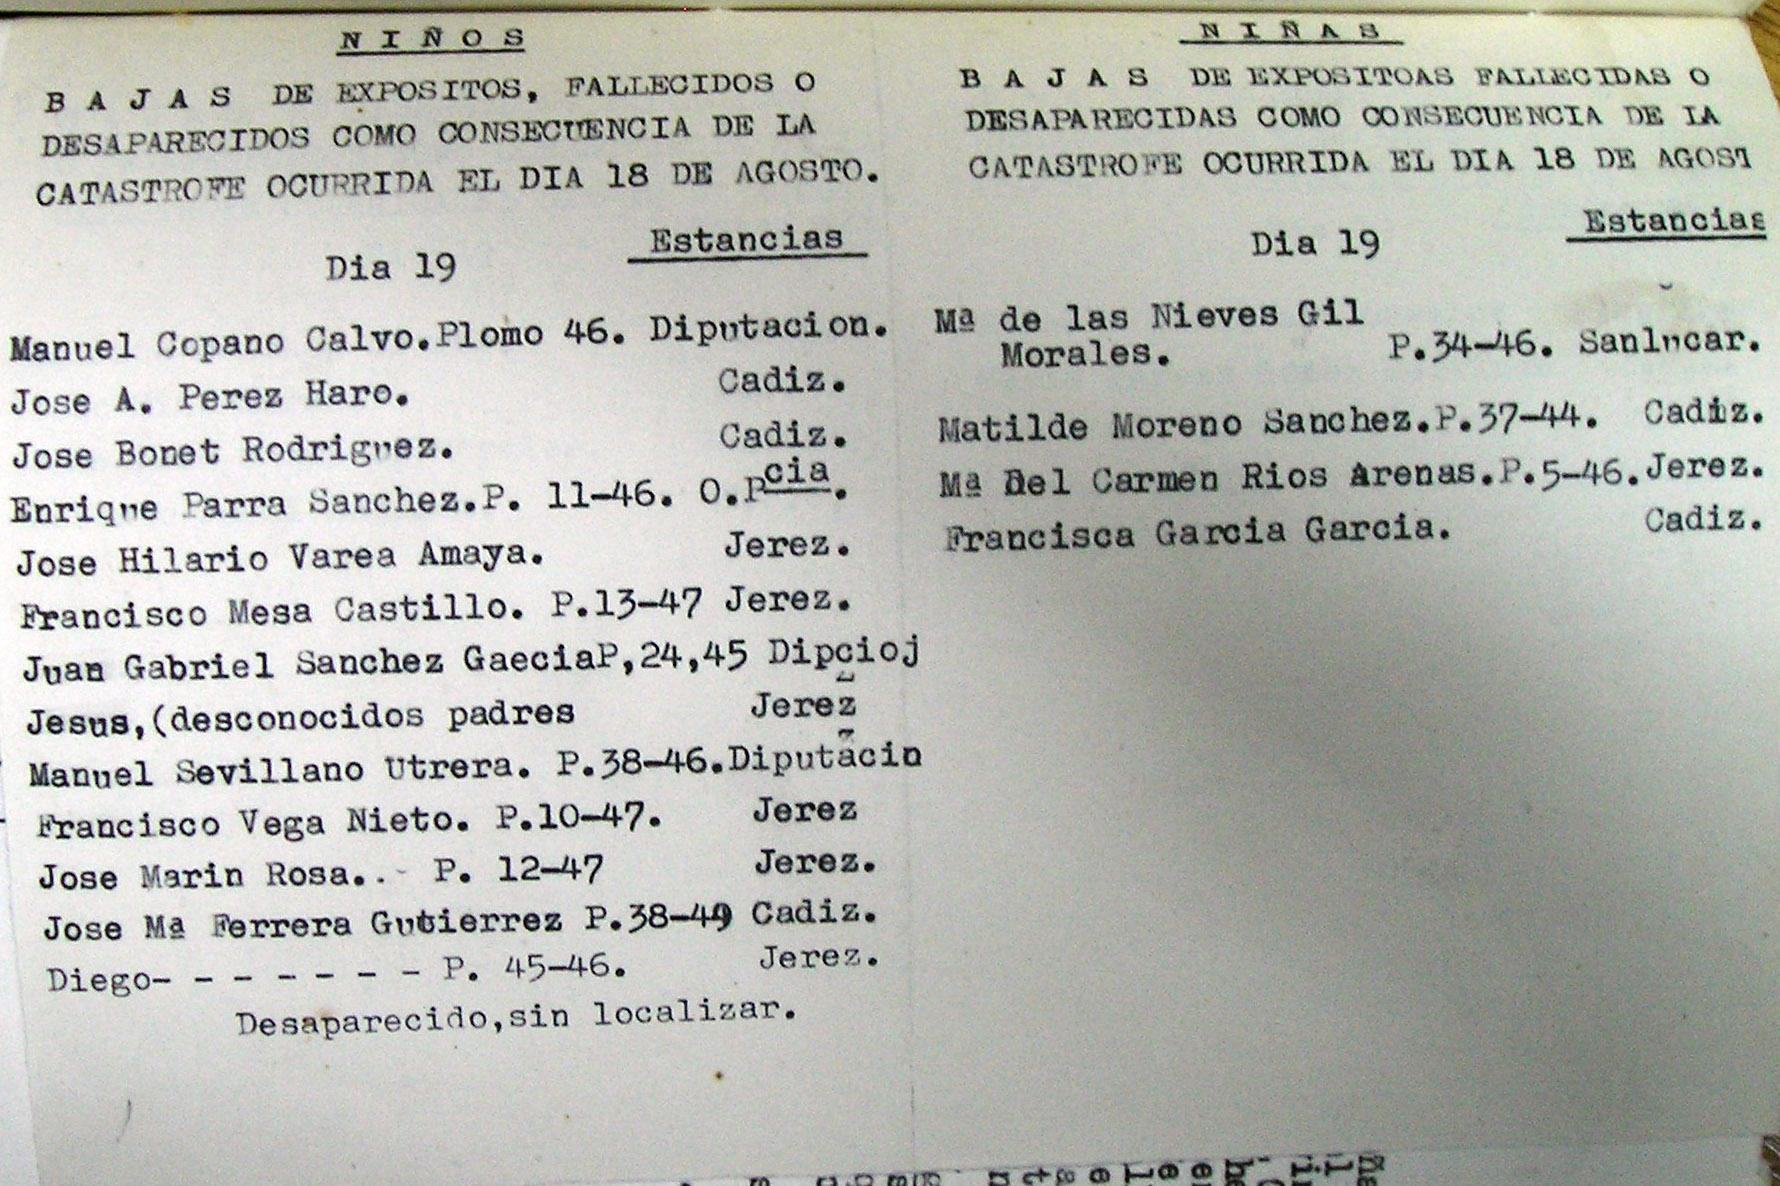 Lista de expósitos fallecidos o desaparecidos